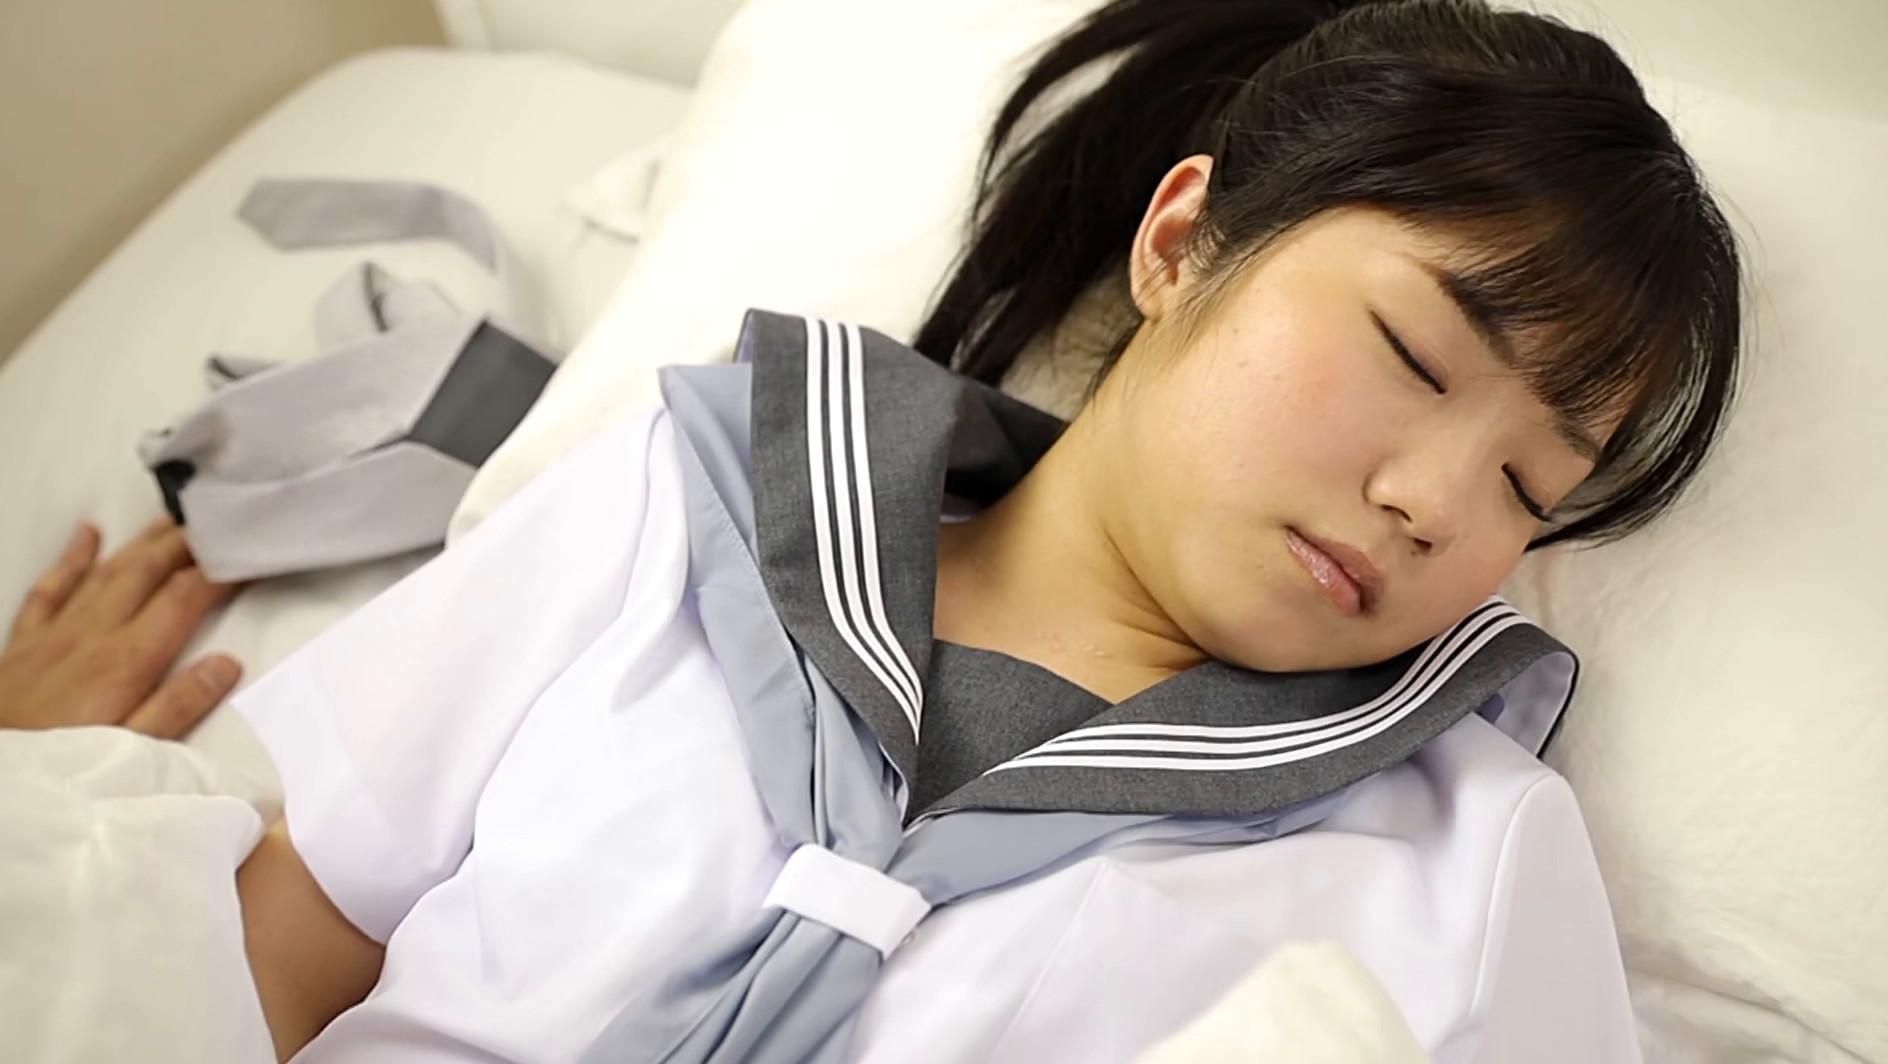 保健室で寝ている君を僕は穢すことしか出来ませんでした・・・。